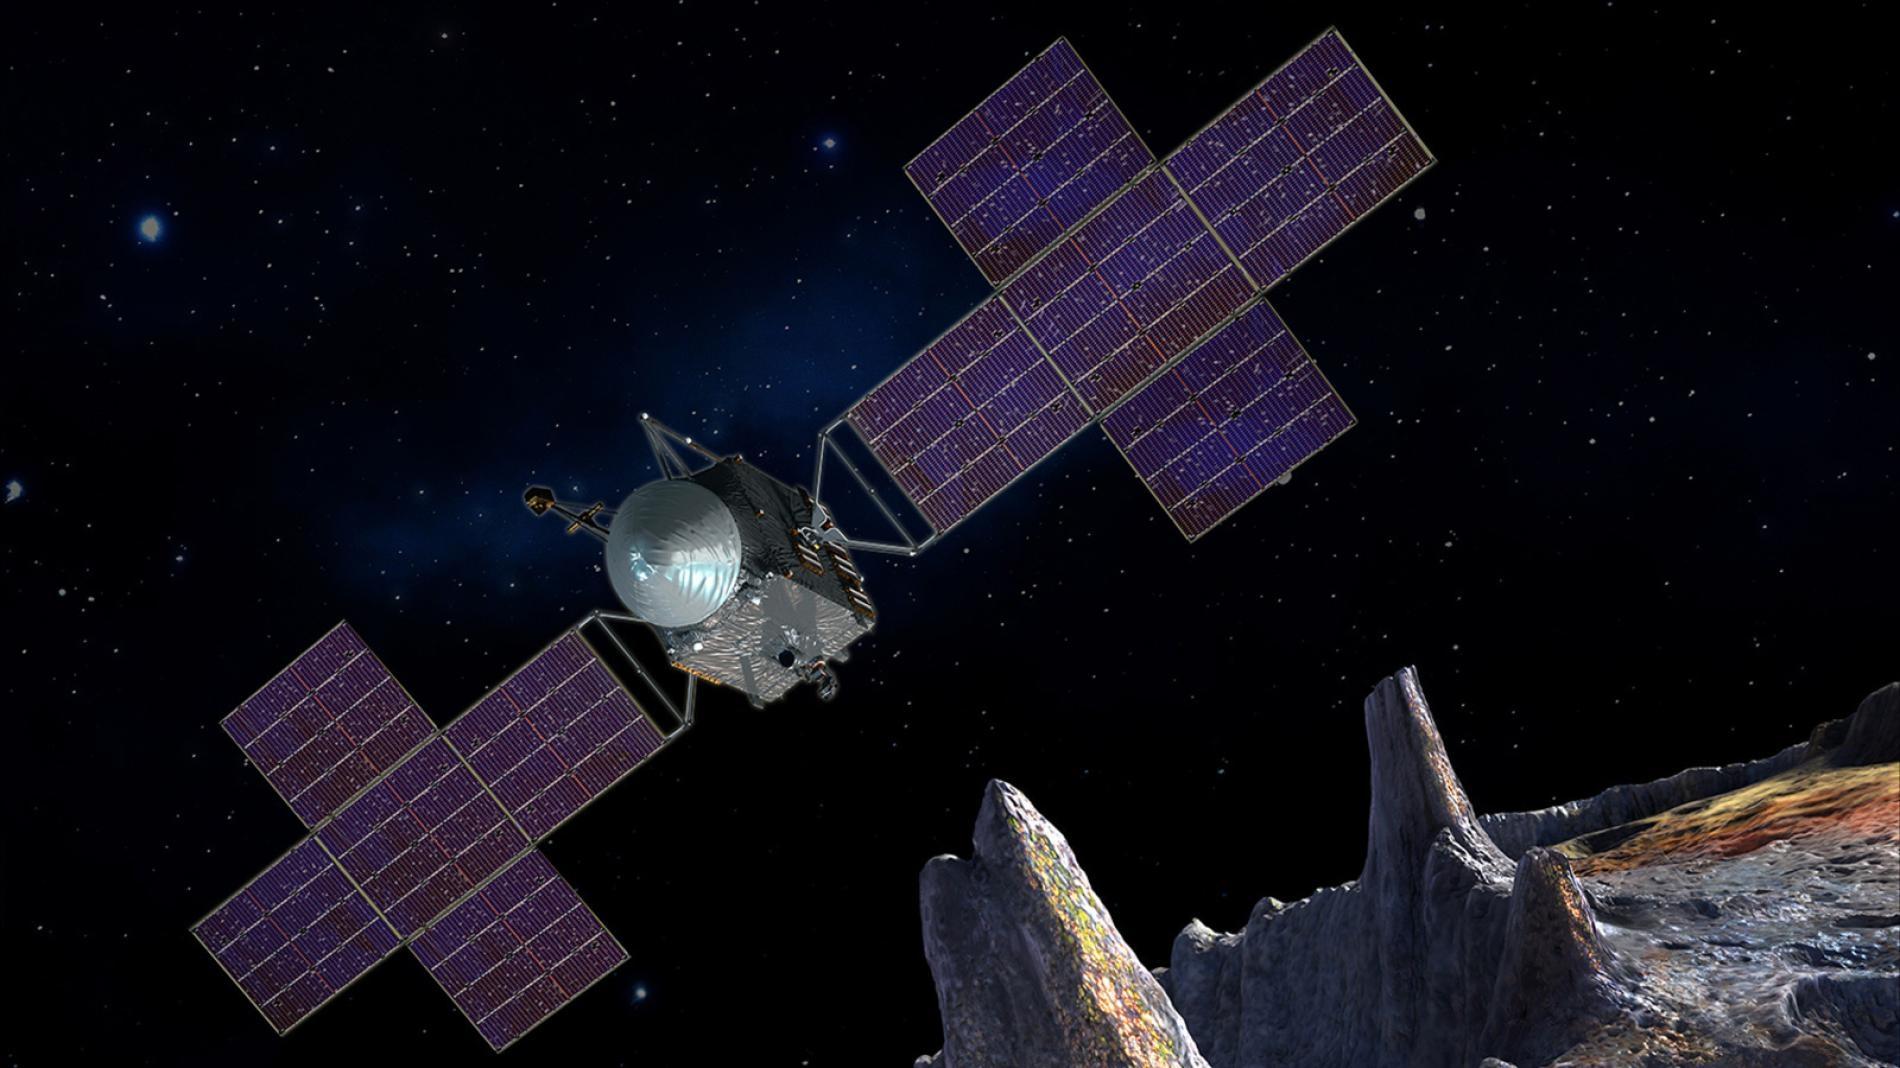 美國航太總署(NASA)的靈神星(Psyche)任務將在2026年抵達第 16號小行星靈神星──太陽系質量最大的小行星之一。 這顆小行星閃閃發亮的光澤暗示,它可能是早期行星鐵鎳核的一部分,或可能在形成後不久就有熔融的鐵穿過薄層地函滲出。ILLUSTRATION BY MAXAR/ASU/PETER RUBIN